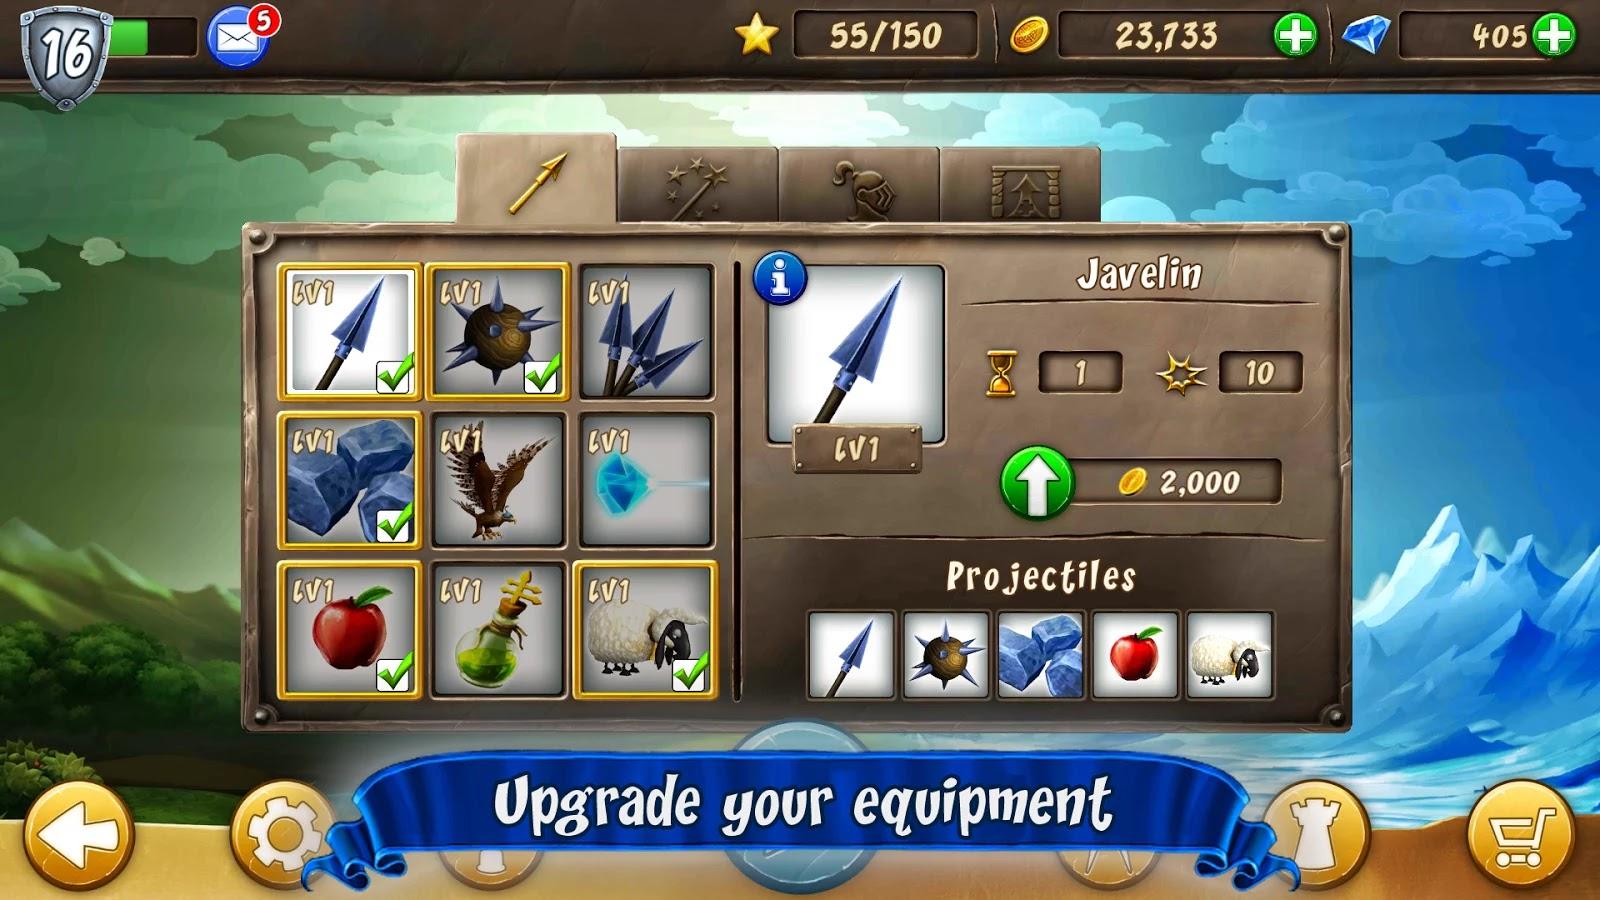 CastleStorm - Free to Siege v1.59 Mod [Unlimited Coins & Gems]